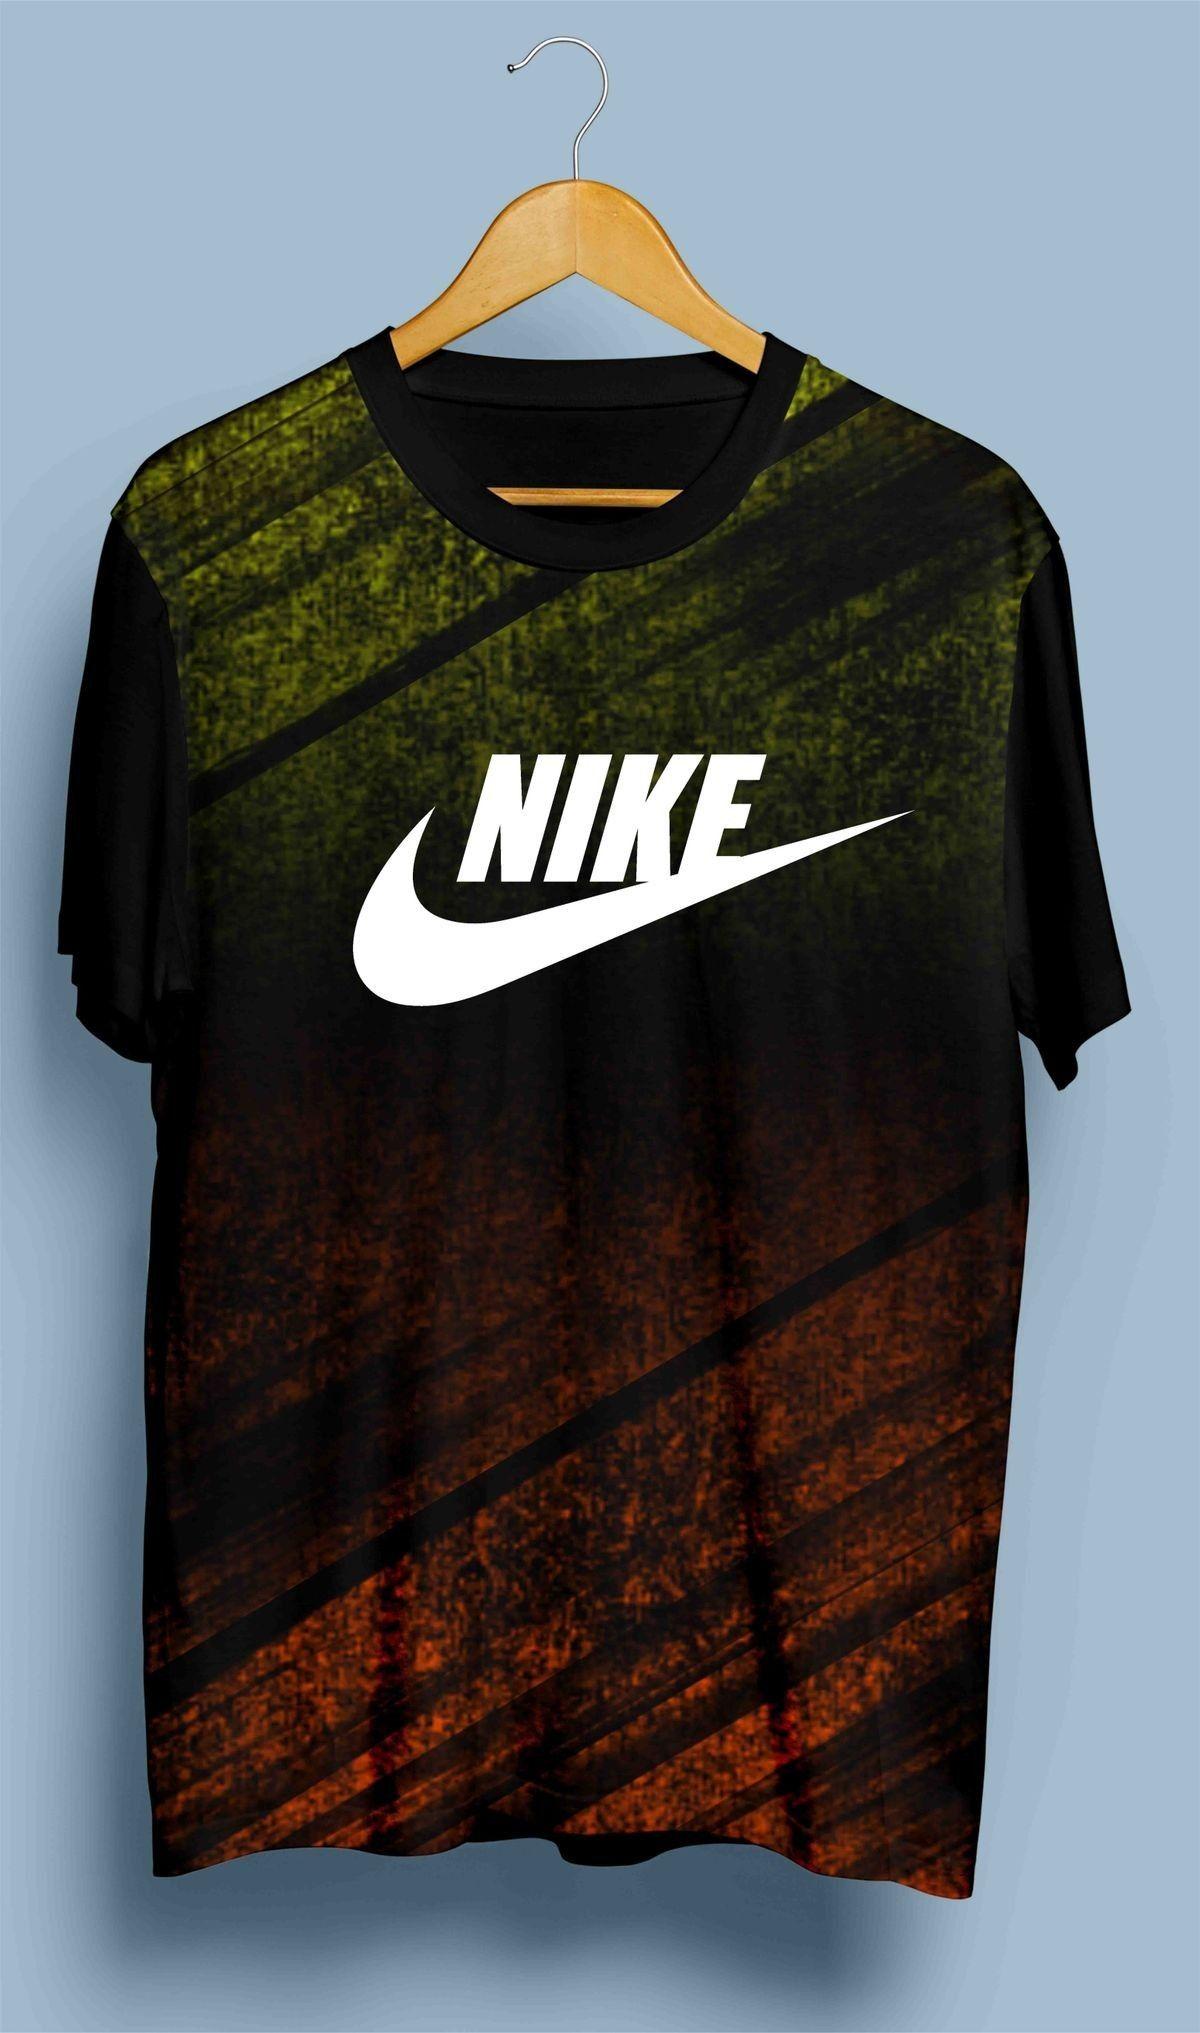 Compre Nike Camiseta com estampa frontal . | Nike camisetas